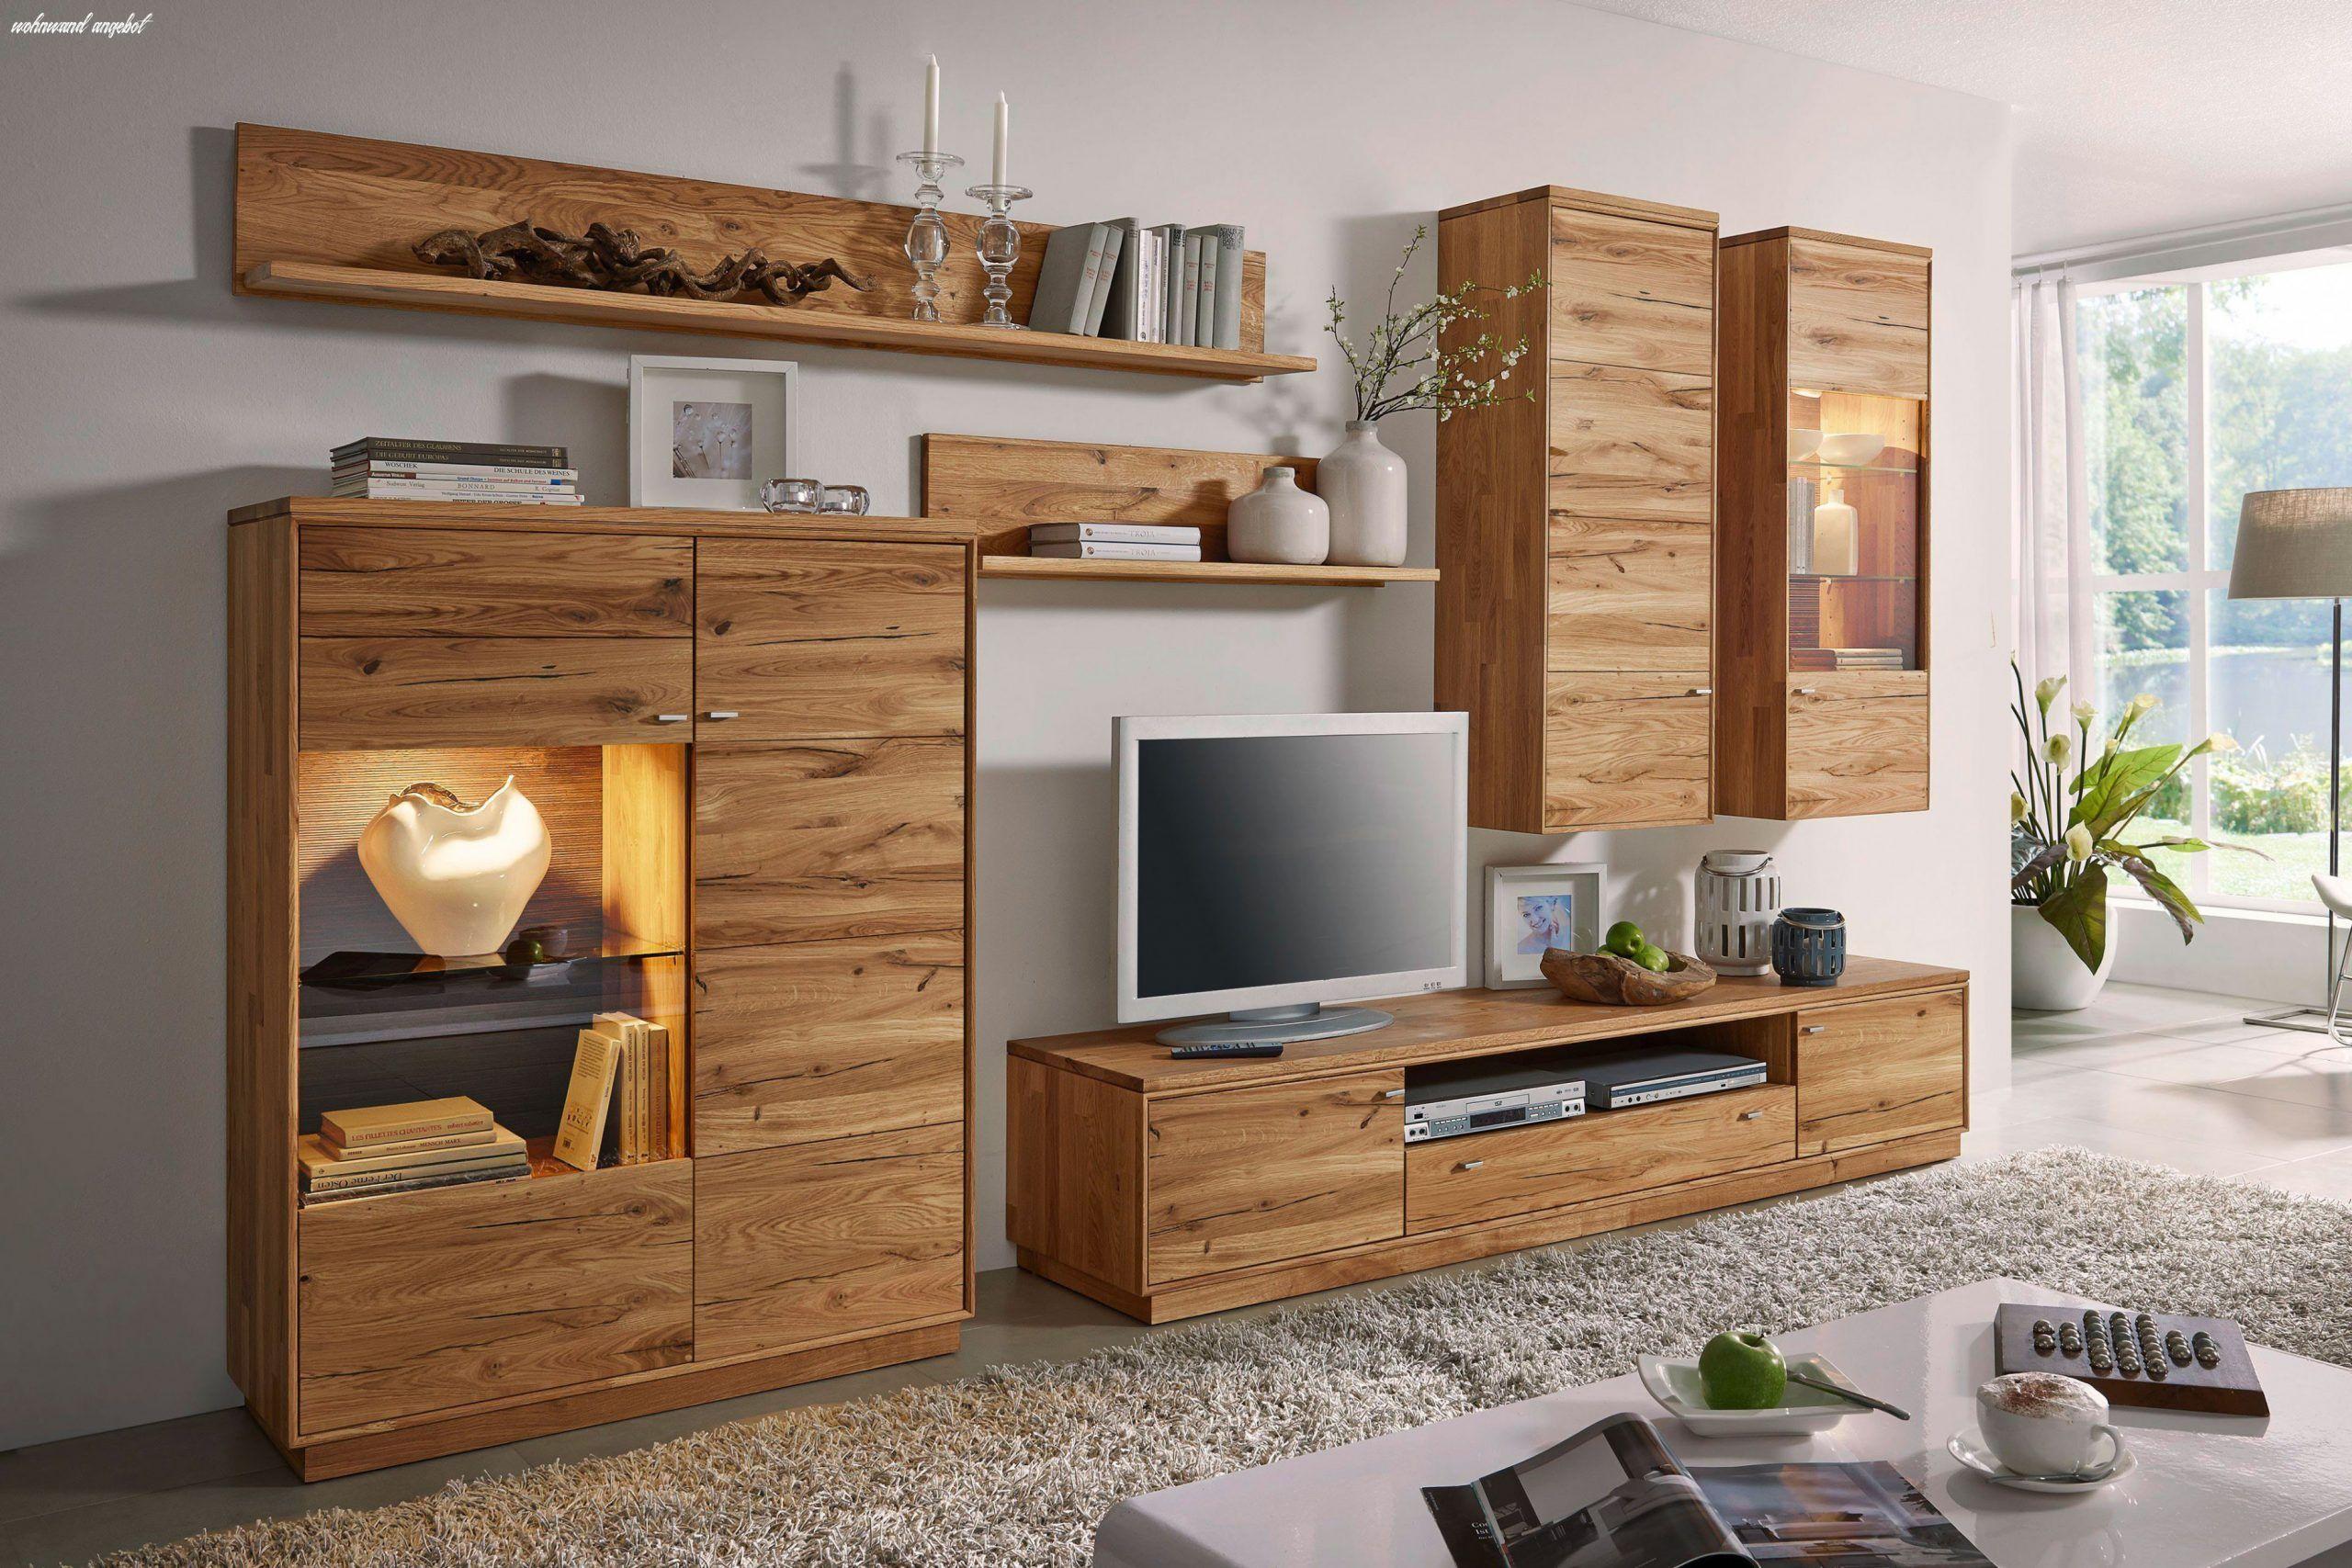 Die Schlechtesten Ratschläge Die Wir Für Wohnwand Angebote Gehört Haben Wohnwand Eiche Eiche Möbel Wohnwand